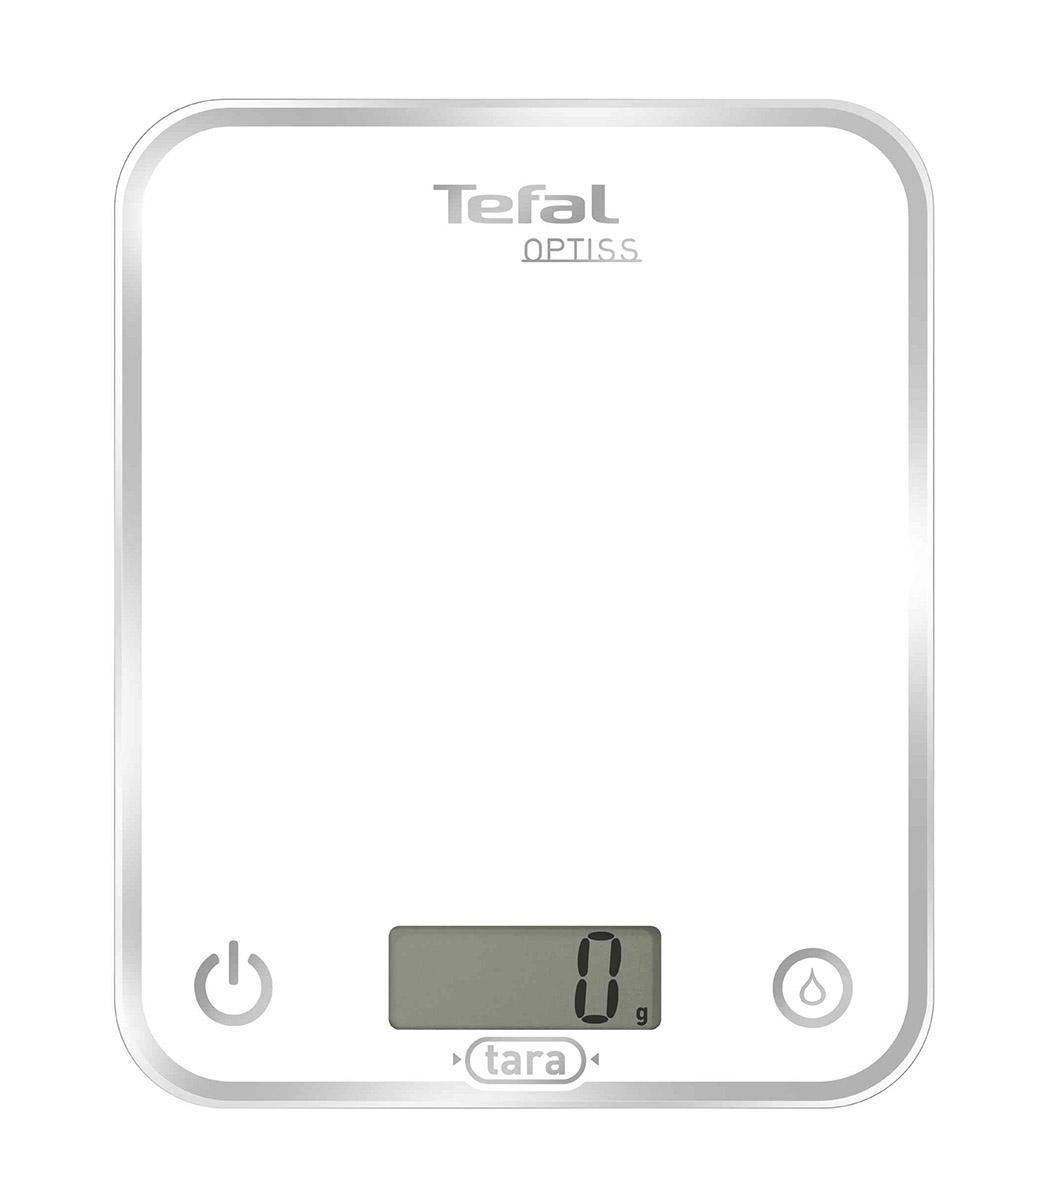 Tefal BC5000 кухонные весыBC5000Компактные кухонные весы Тefal BC5000 с цветным жидкокристаллическим дисплеем гарантируют высокое качество взвешивания и очень удобны в эксплуатации. С их помощью можно быстро проверить вес продуктов и любых других товаров. Корпус весов изготовлен из прочного пластика, на нем размещена тонкая стеклянная платформа, устойчивость обеспечивают прорезиненные ножки. Этот прибор не только прост в применении и отличается надежностью и функциональностью, но и выглядит стильно, по-современному. Владелец весов кухонных Тefal BC5000 имеет возможность взвешивать грузы массой до 5 кг. Разработчики добавили в устройство несколько полезных функций — тарокомпенсацию, измерение объема, автоматическое выключение, индикацию перегрузки и разрядки.